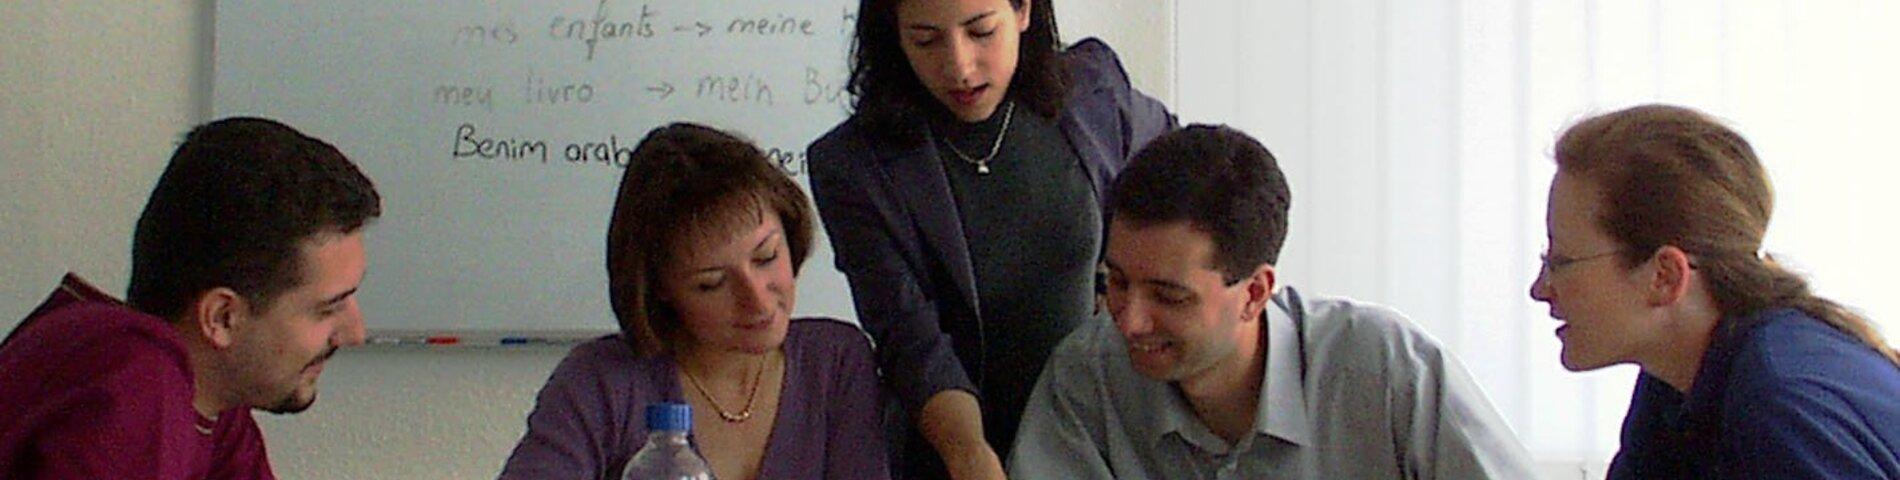 FOKUS Sprachen & Seminare  billede 1